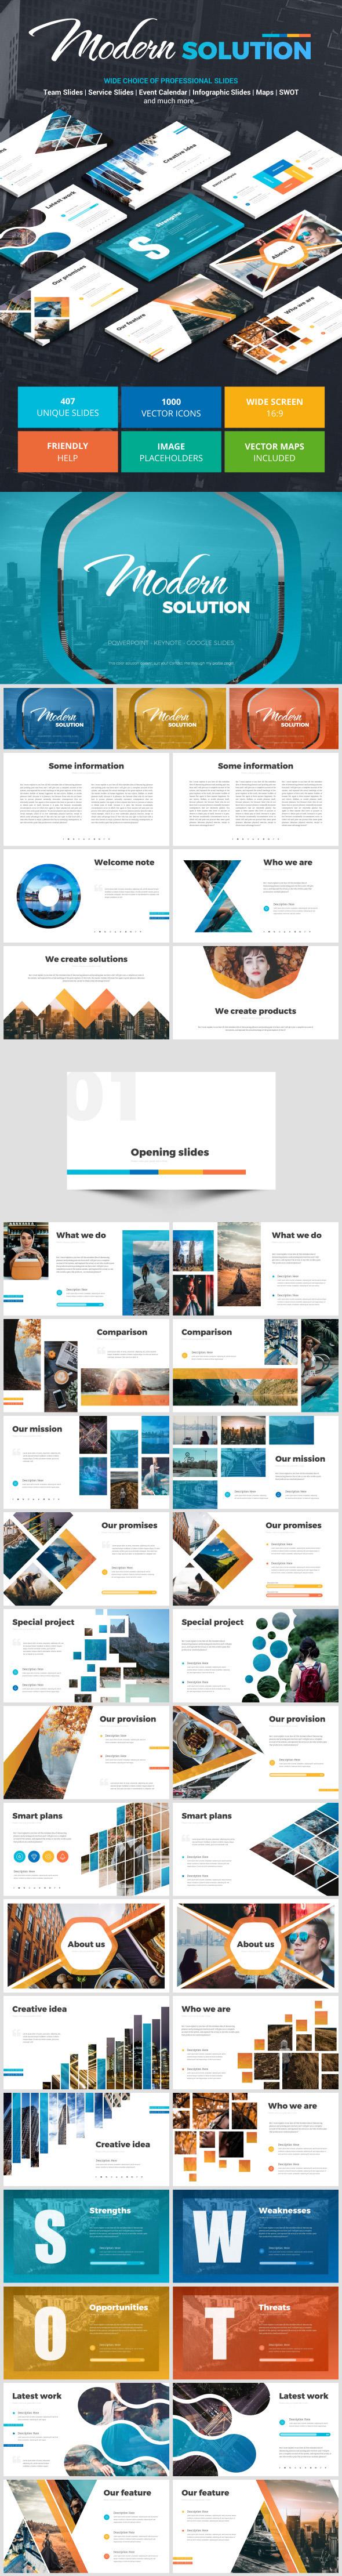 Modern Solution - Google Slides Presentation Templates